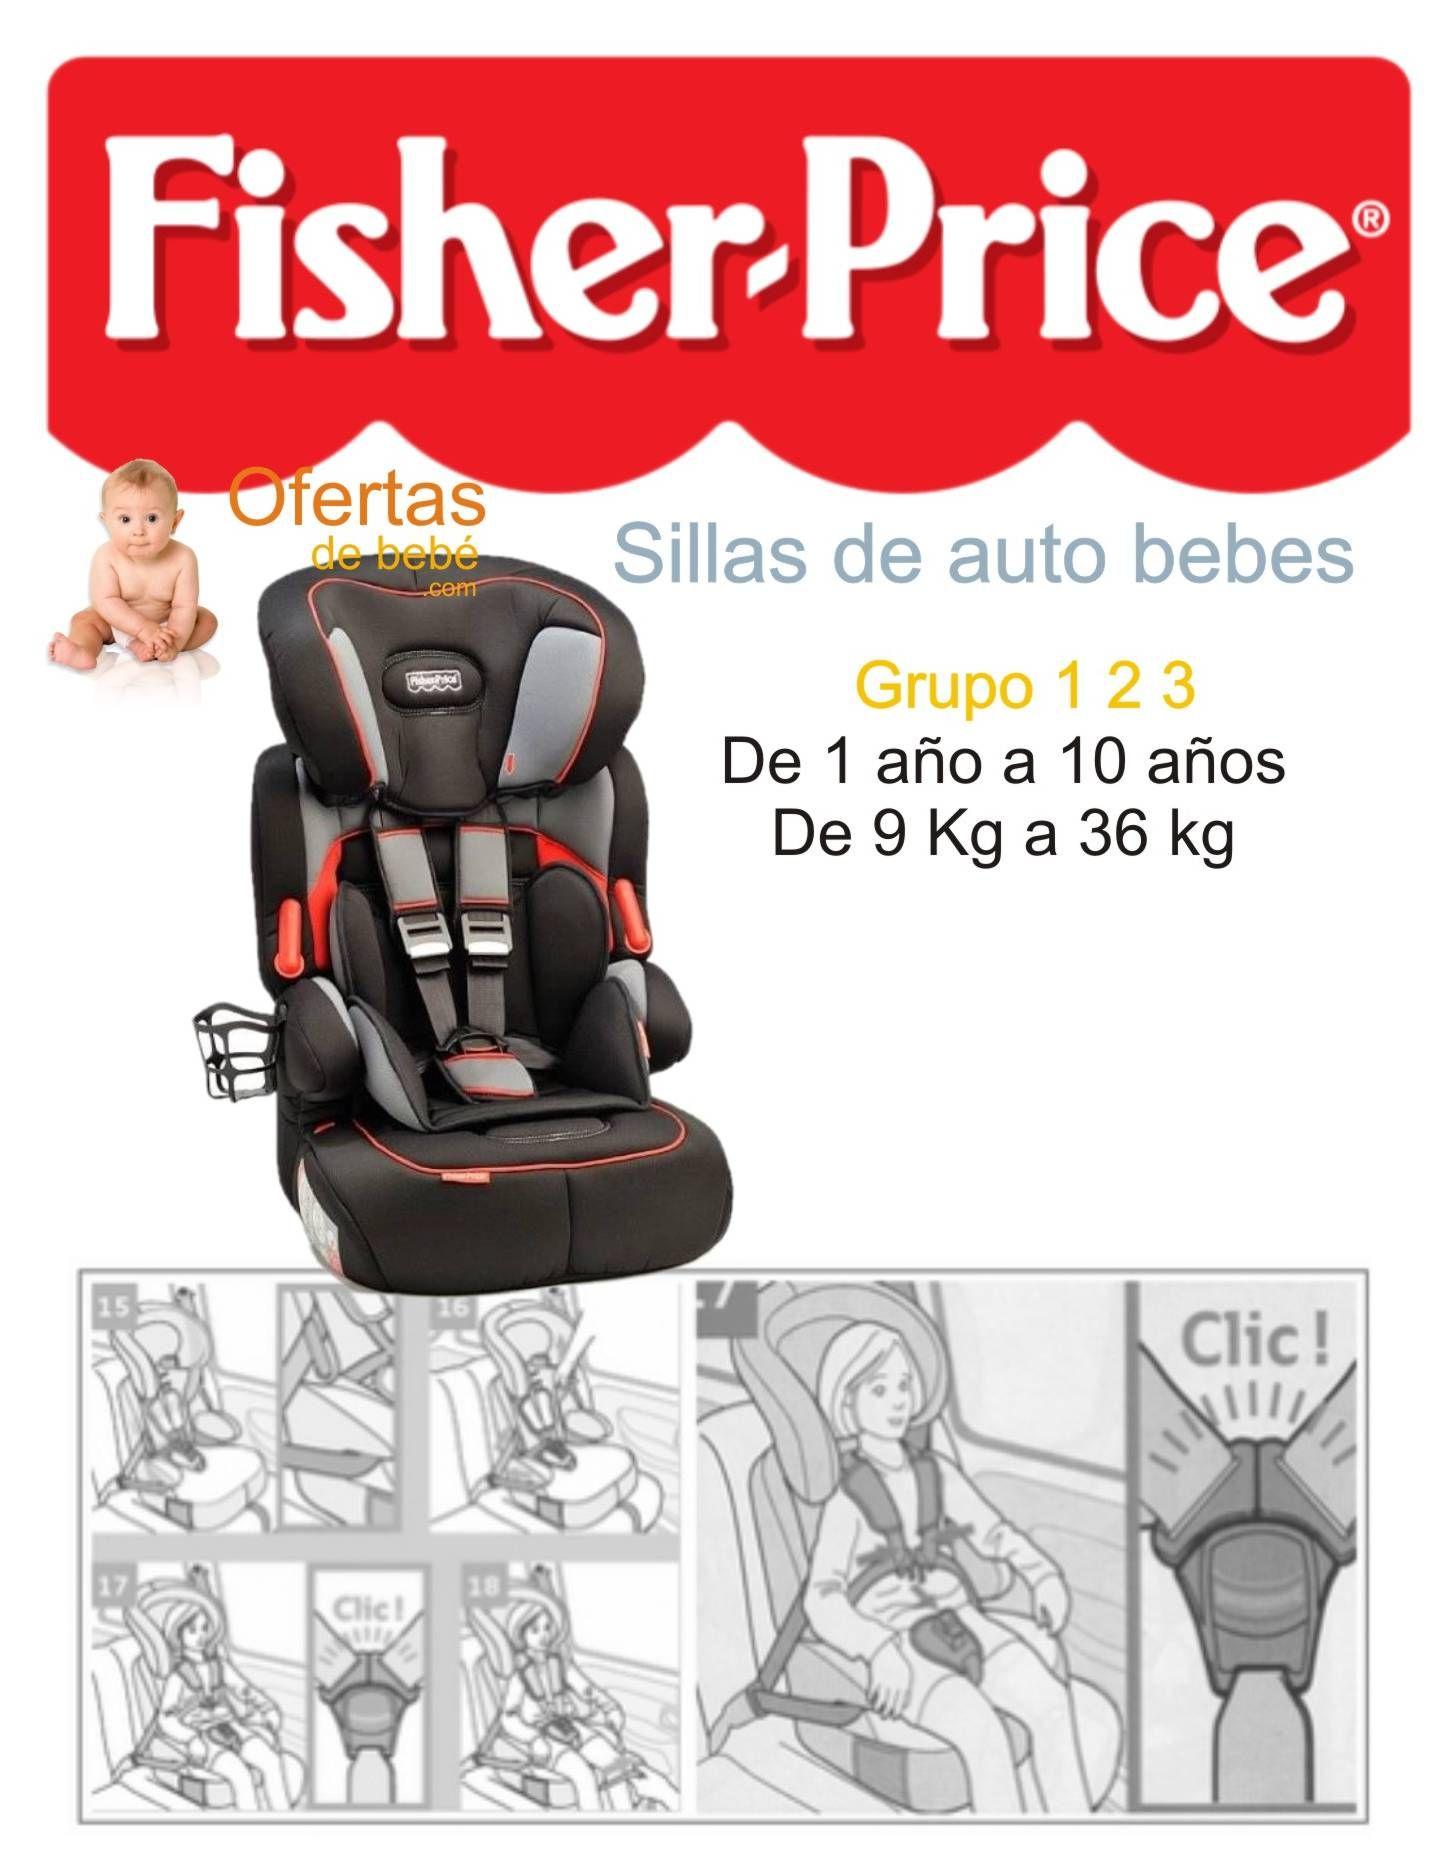 MOONLIGHT las mejores ofertas en sillas de auto bebes